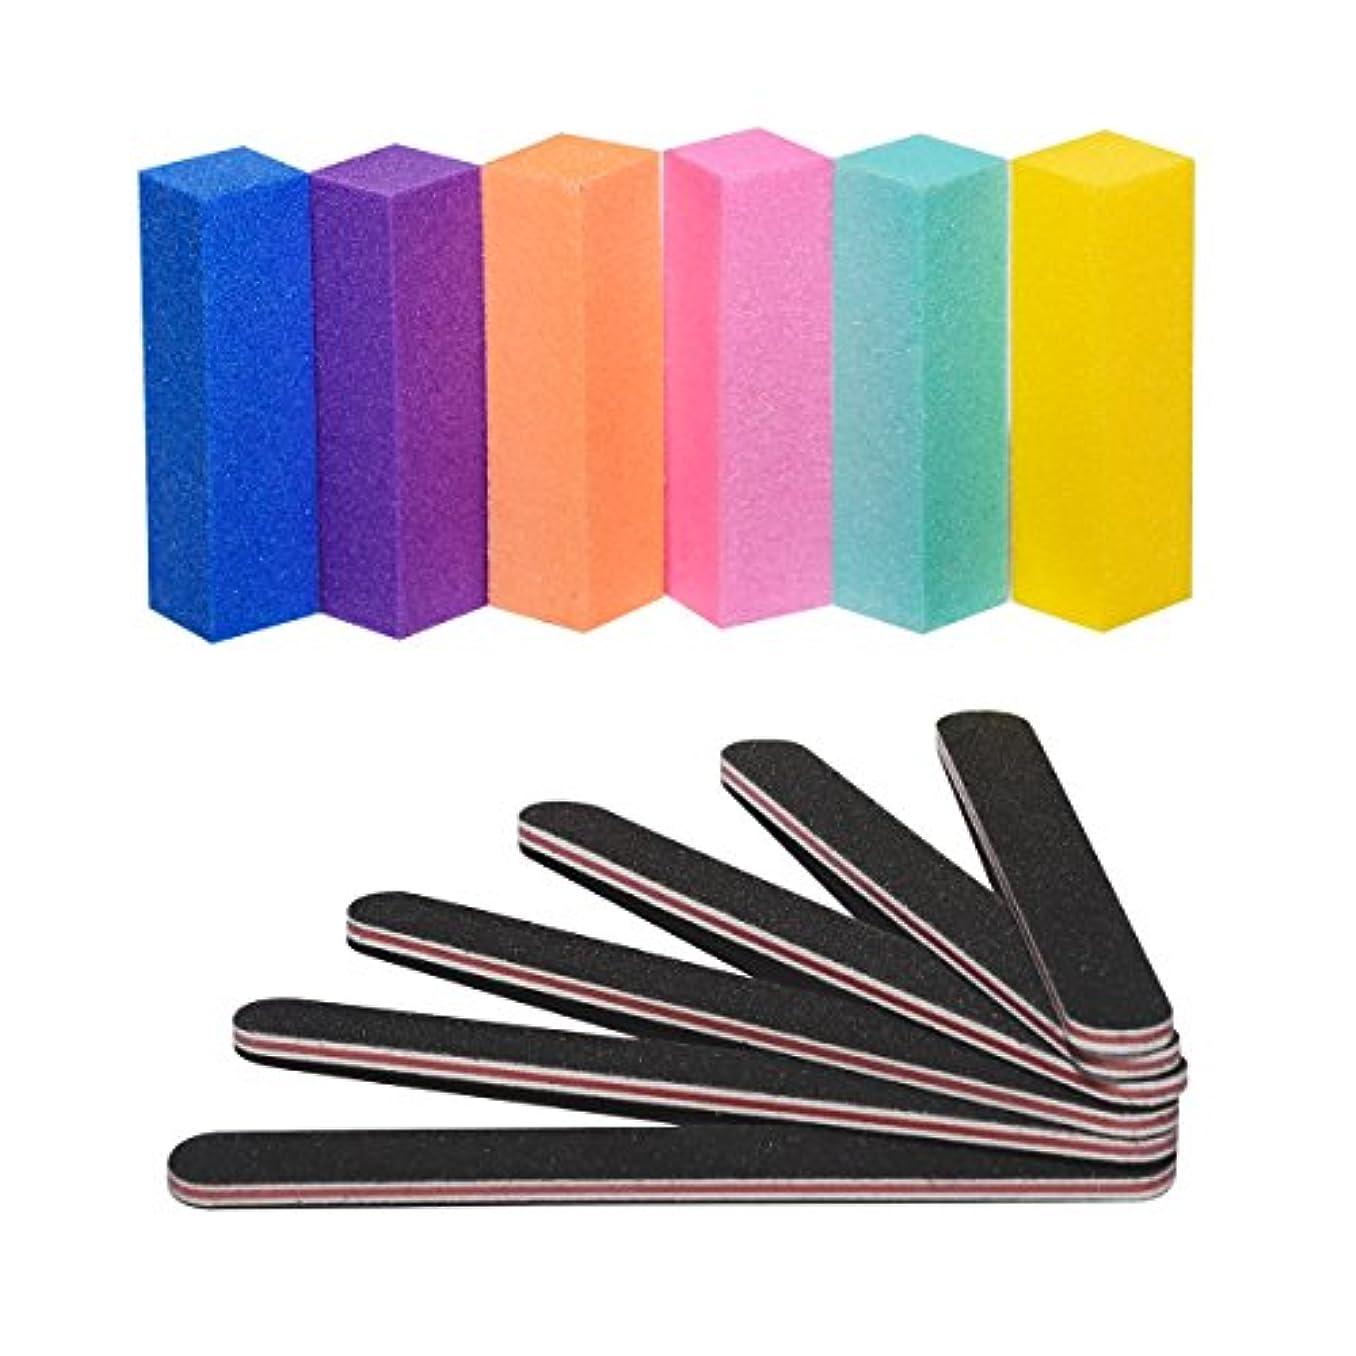 典型的ななかなかブロージェルネイルバッファー ネイルファイル ネイルオフ 爪やすり 爪磨き 両面100/180バッファー 12本ブロックバッファー ブロックバッファー ネイルシャイナー